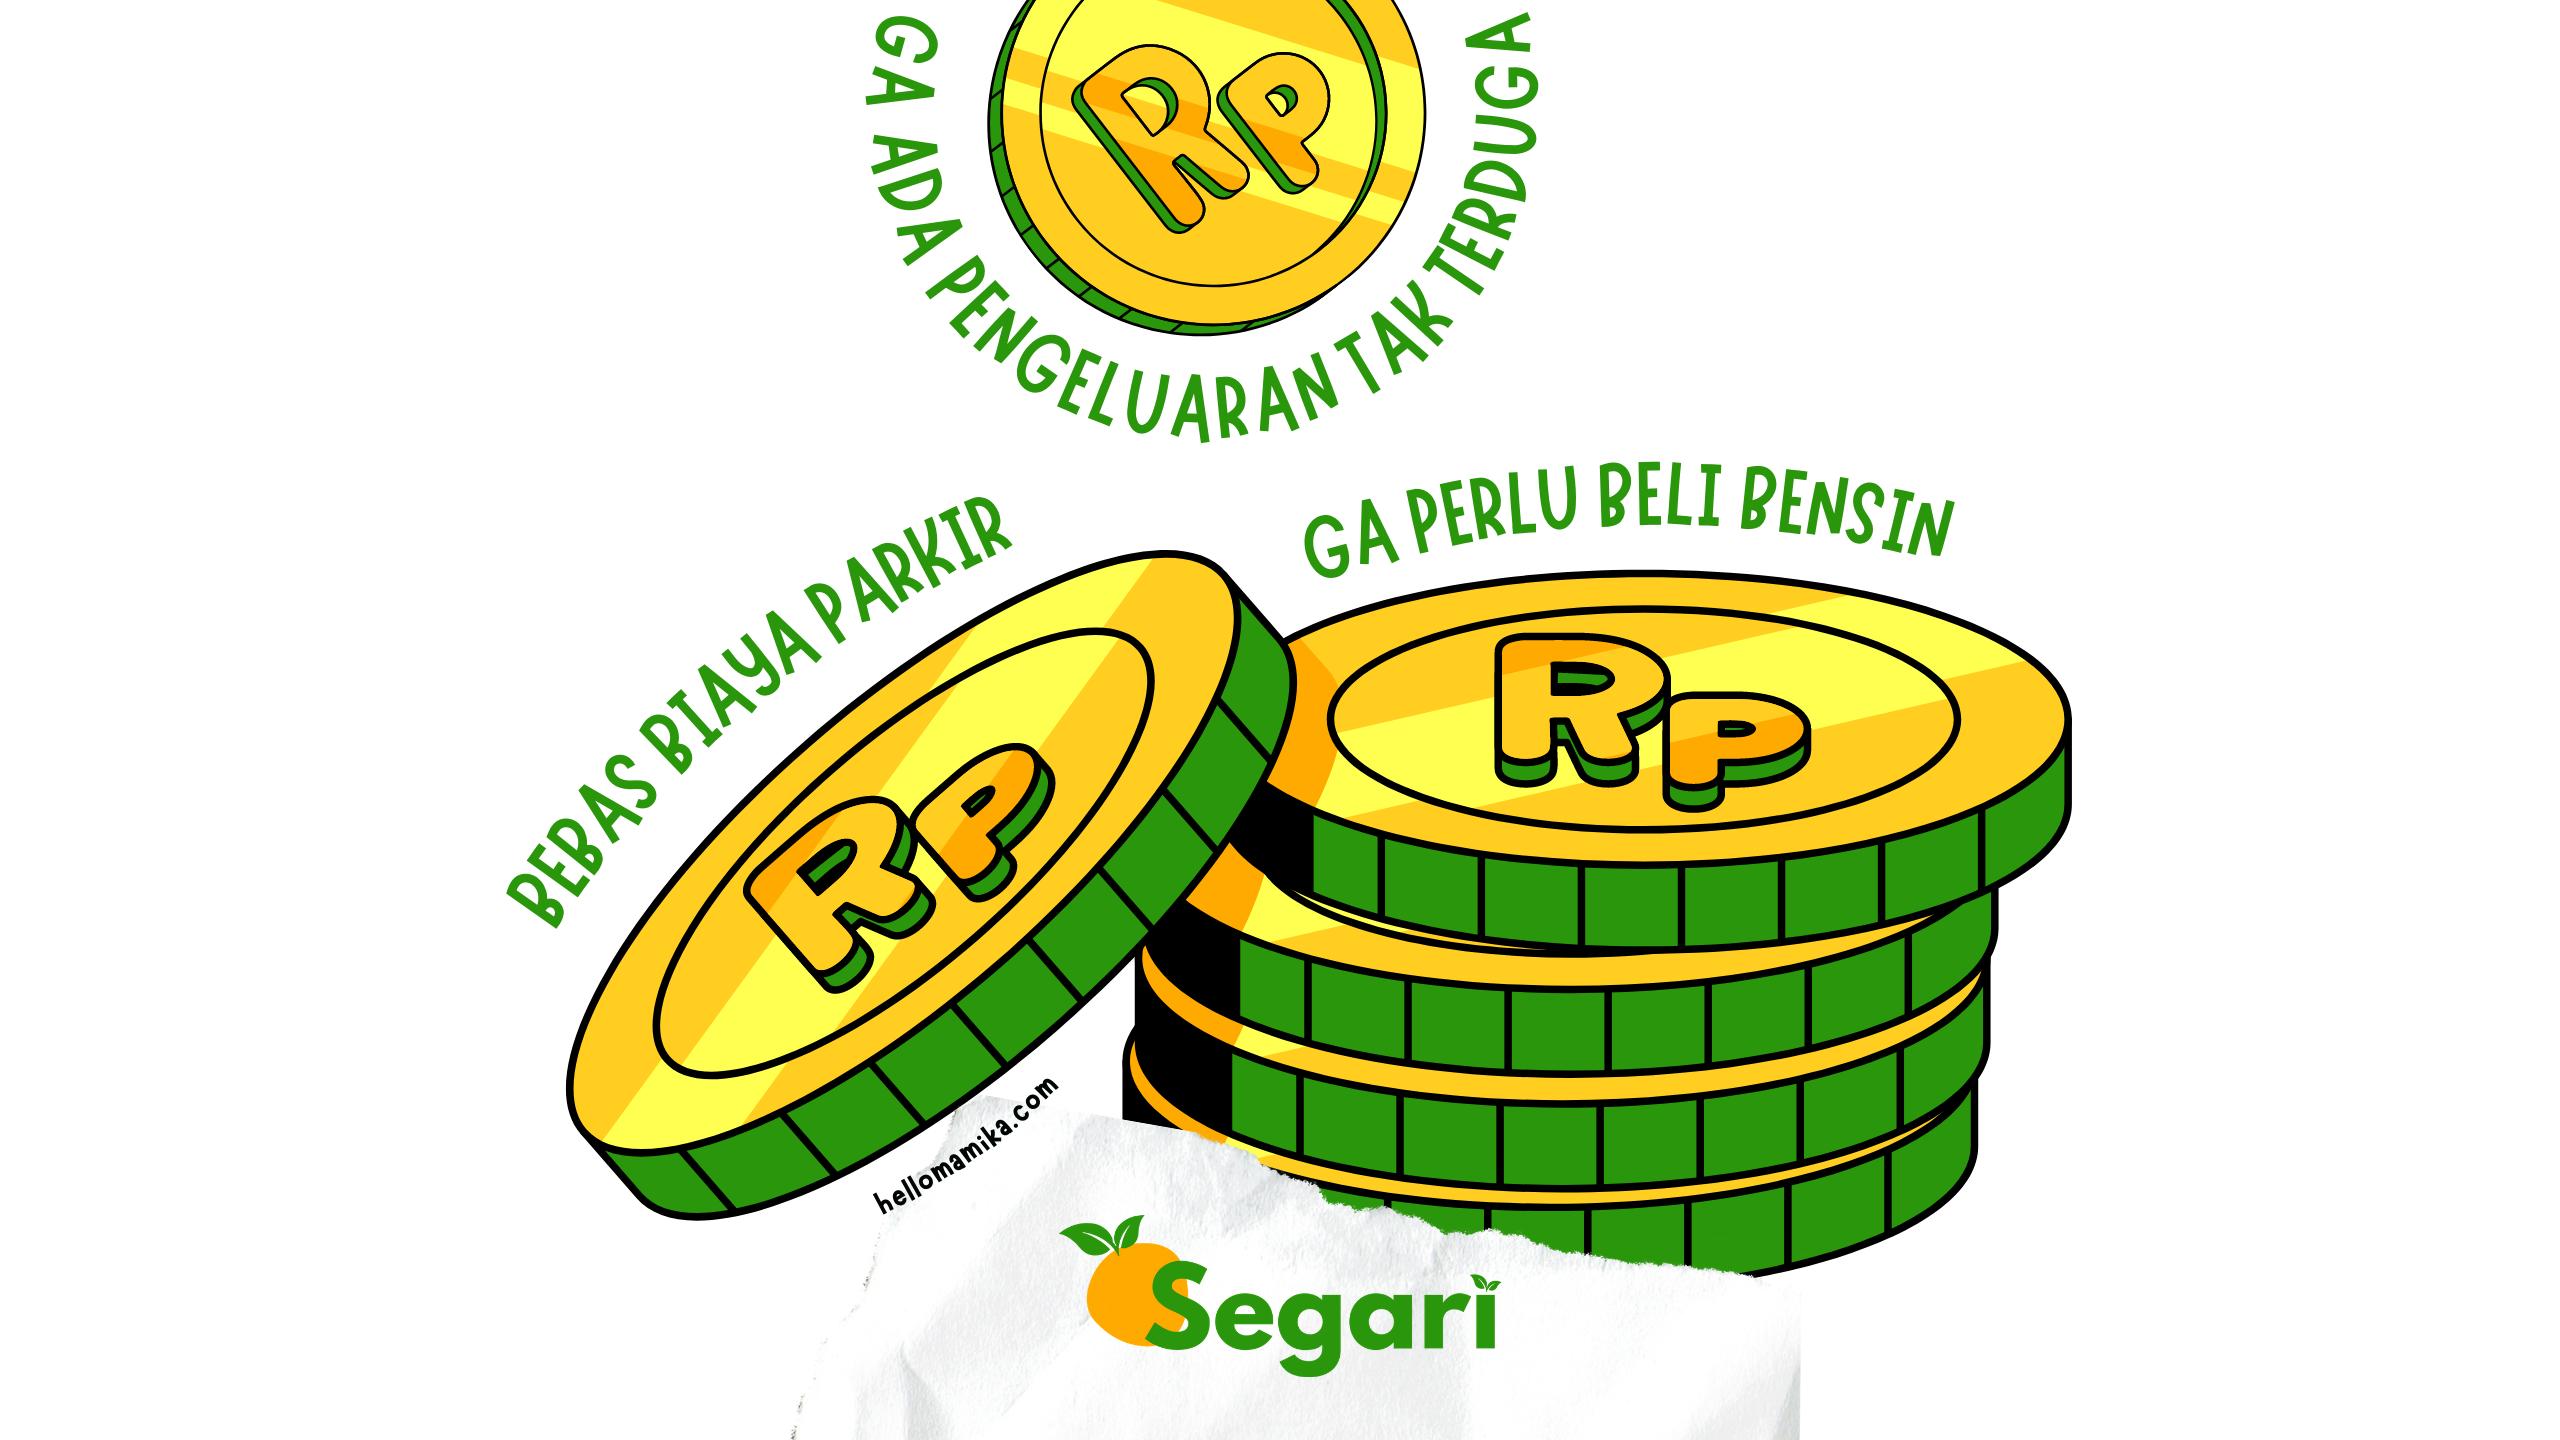 Review sayur online segari.id